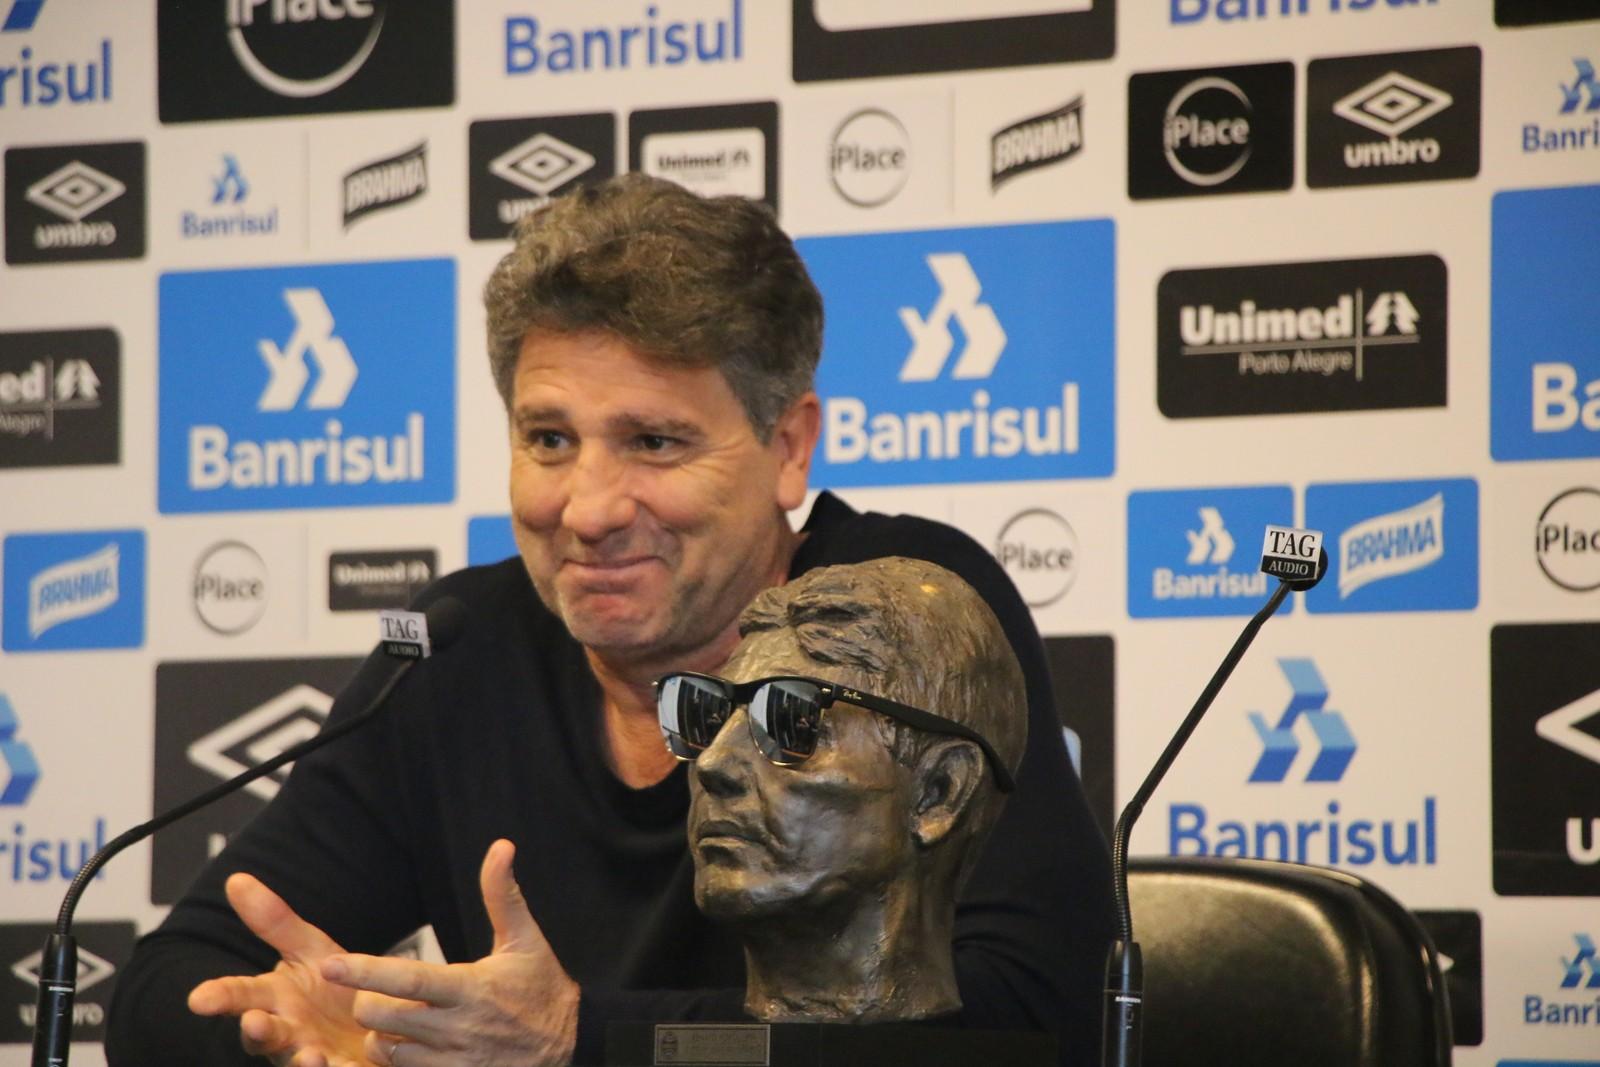 de767c0e80 Grêmio marca reunião no Conselho para discutir estátua de Renato ...